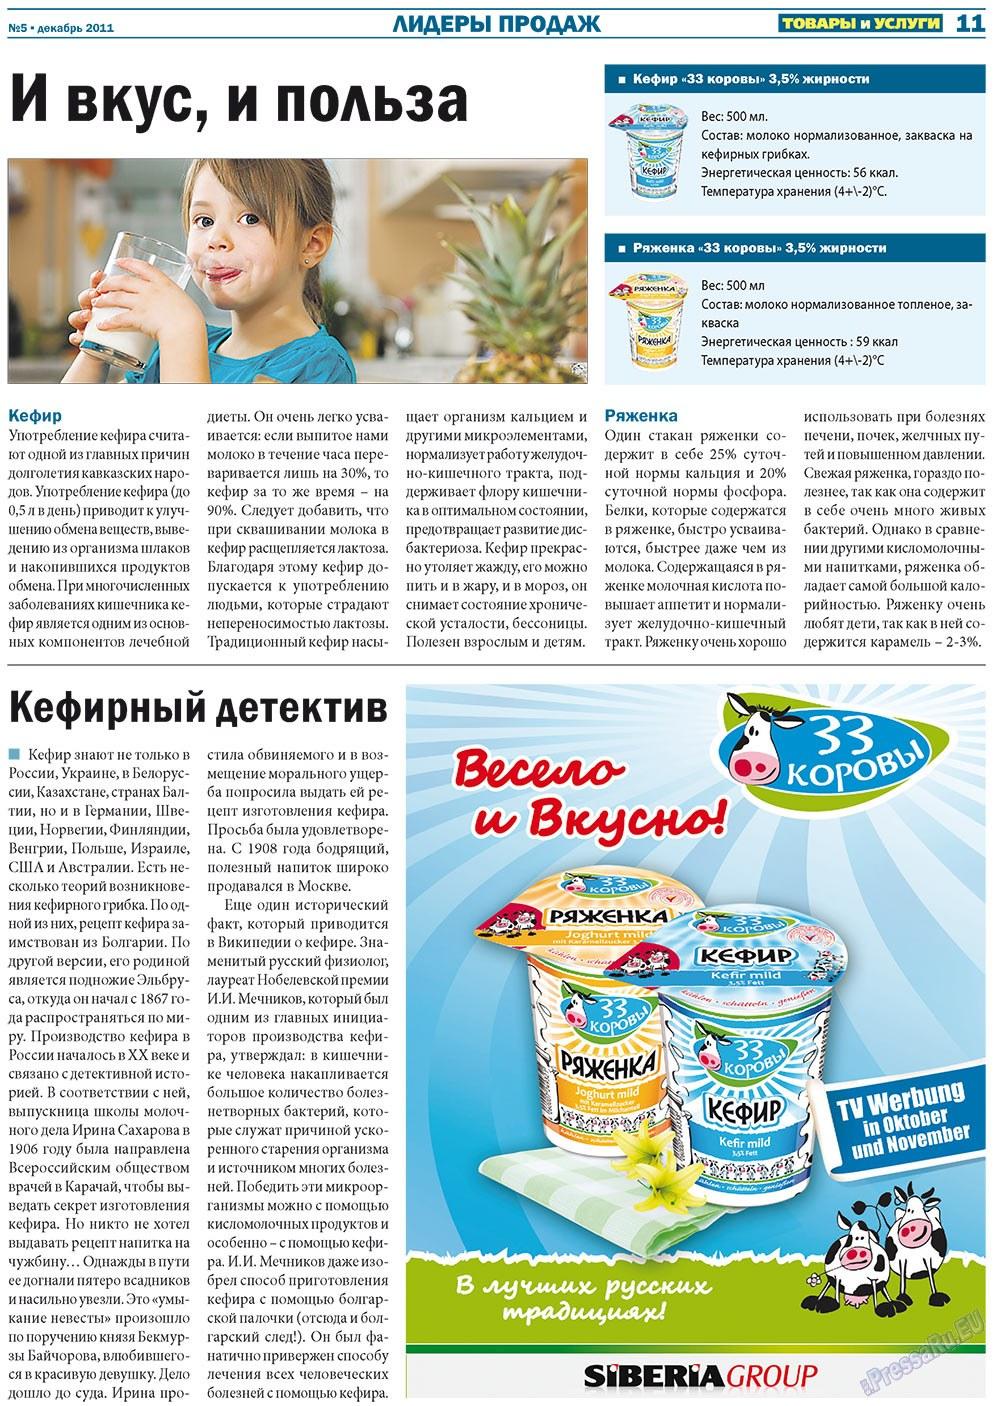 Товары и услуги (газета). 2011 год, номер 5, стр. 11